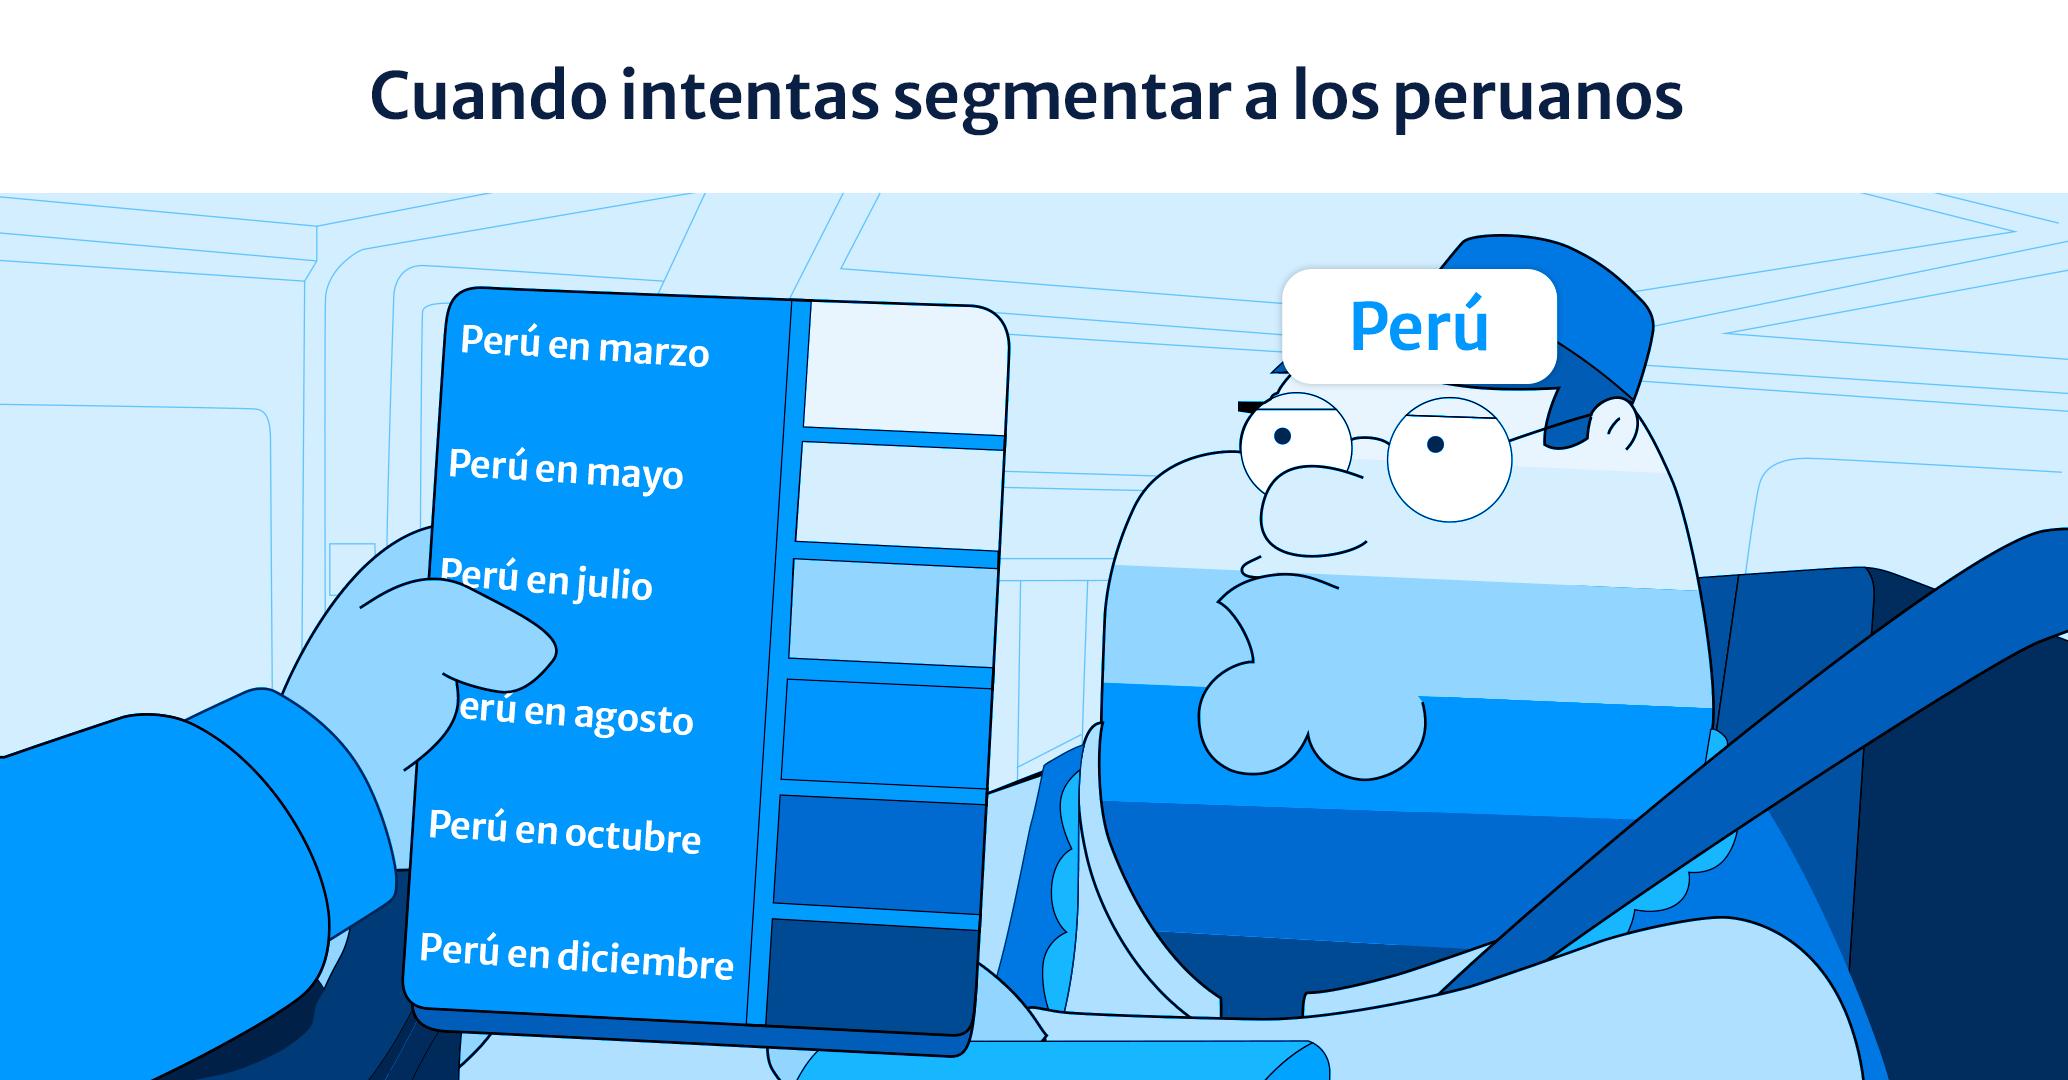 Todo lo que necesitas saber sobre segmentación en Perú